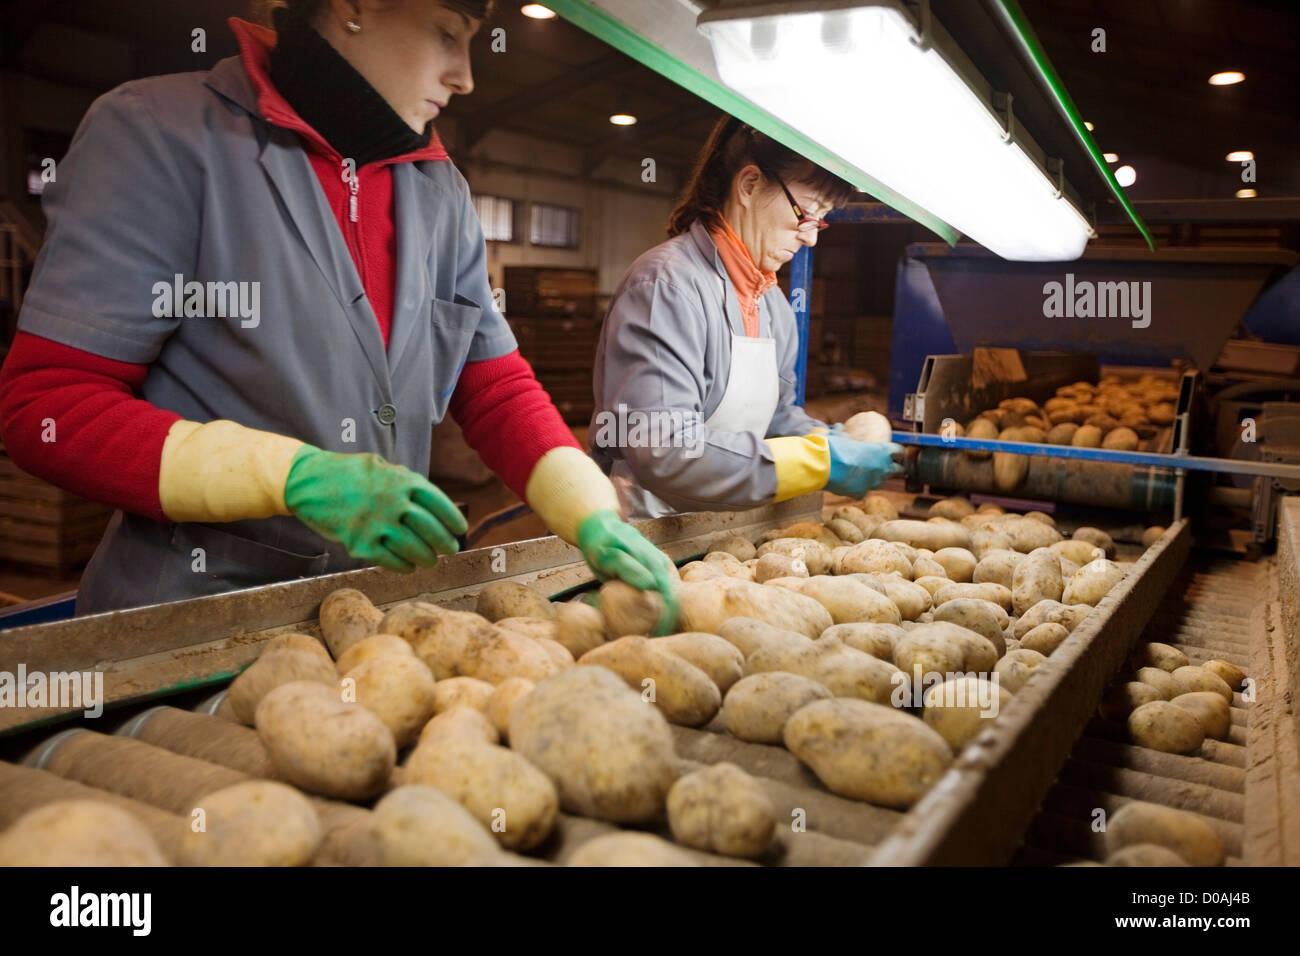 Horticultores l'industrie de pommes de terre manipulées el Torcal Antequera malaga andalousie espagne Photo Stock